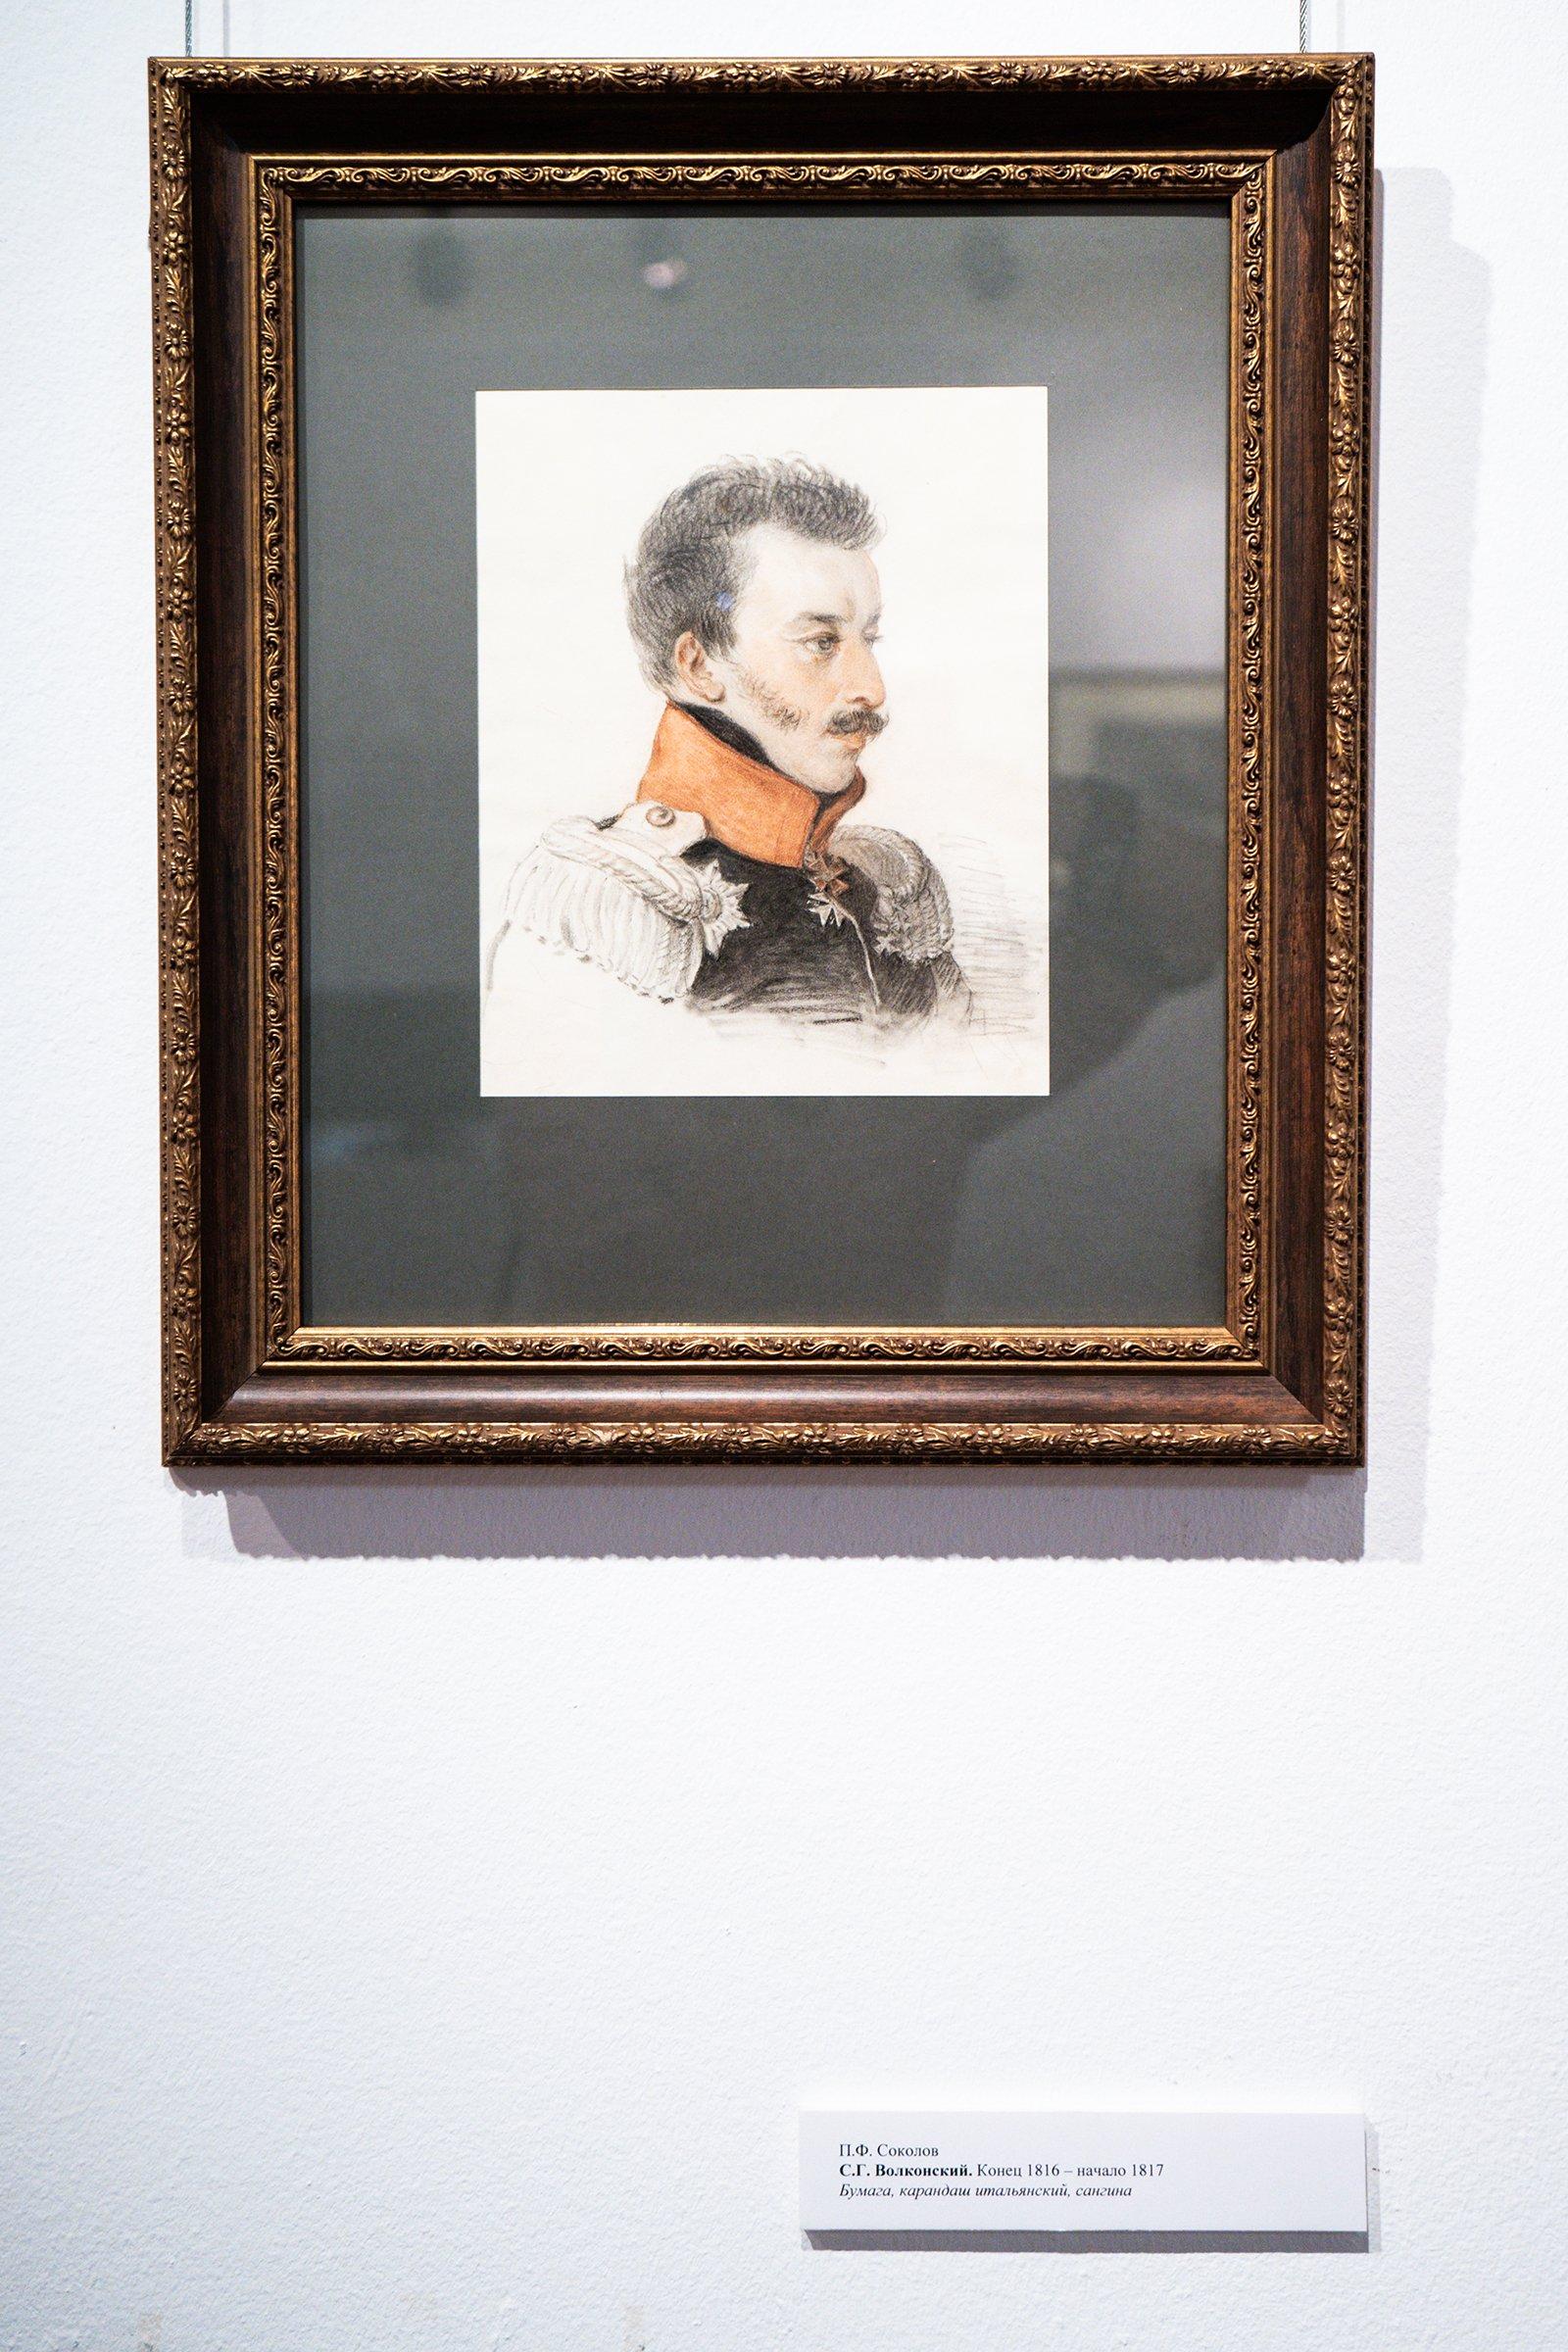 П.Ф. Соколов. Портрет князя С.Г. Волконского. Конец 1816 — начало 1817 года